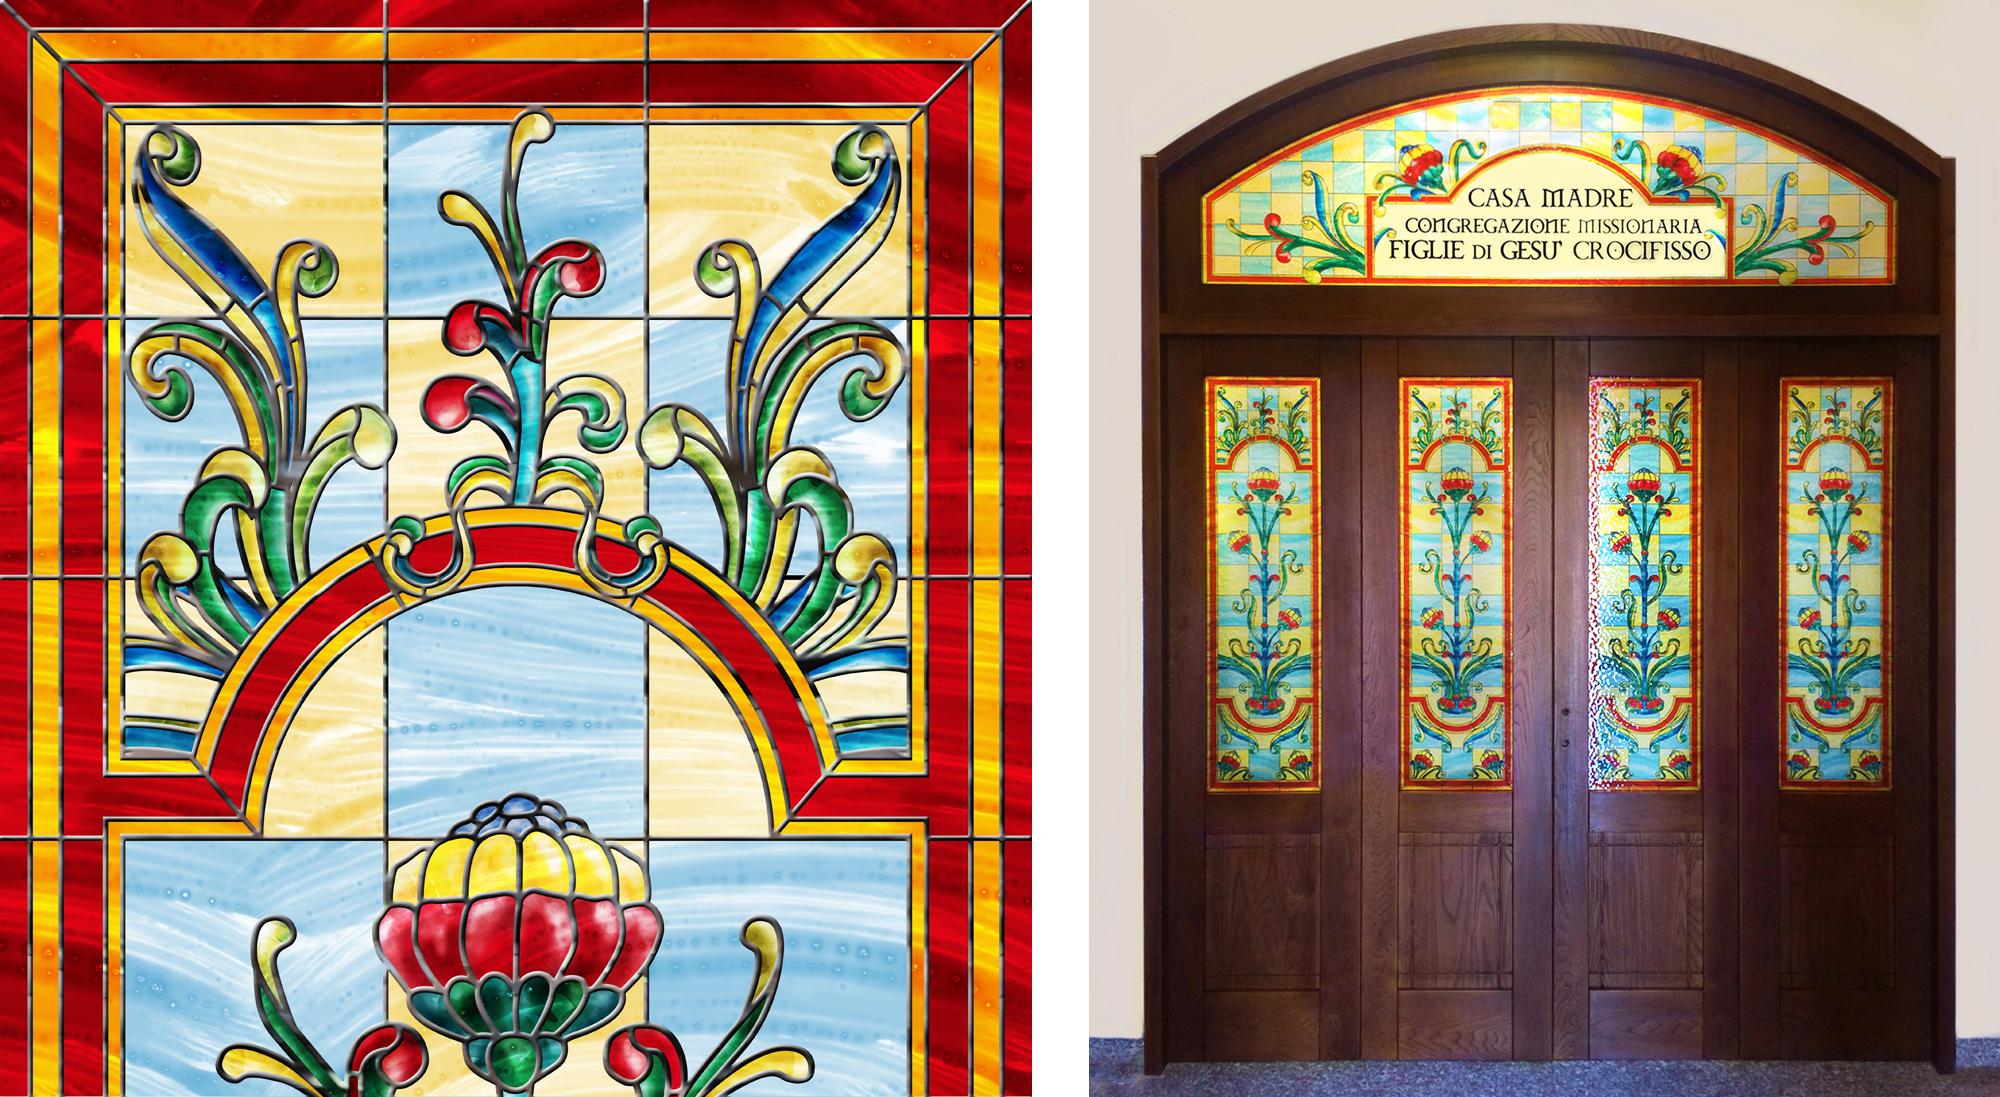 Porte a vetri decorati  per luoghi di culto